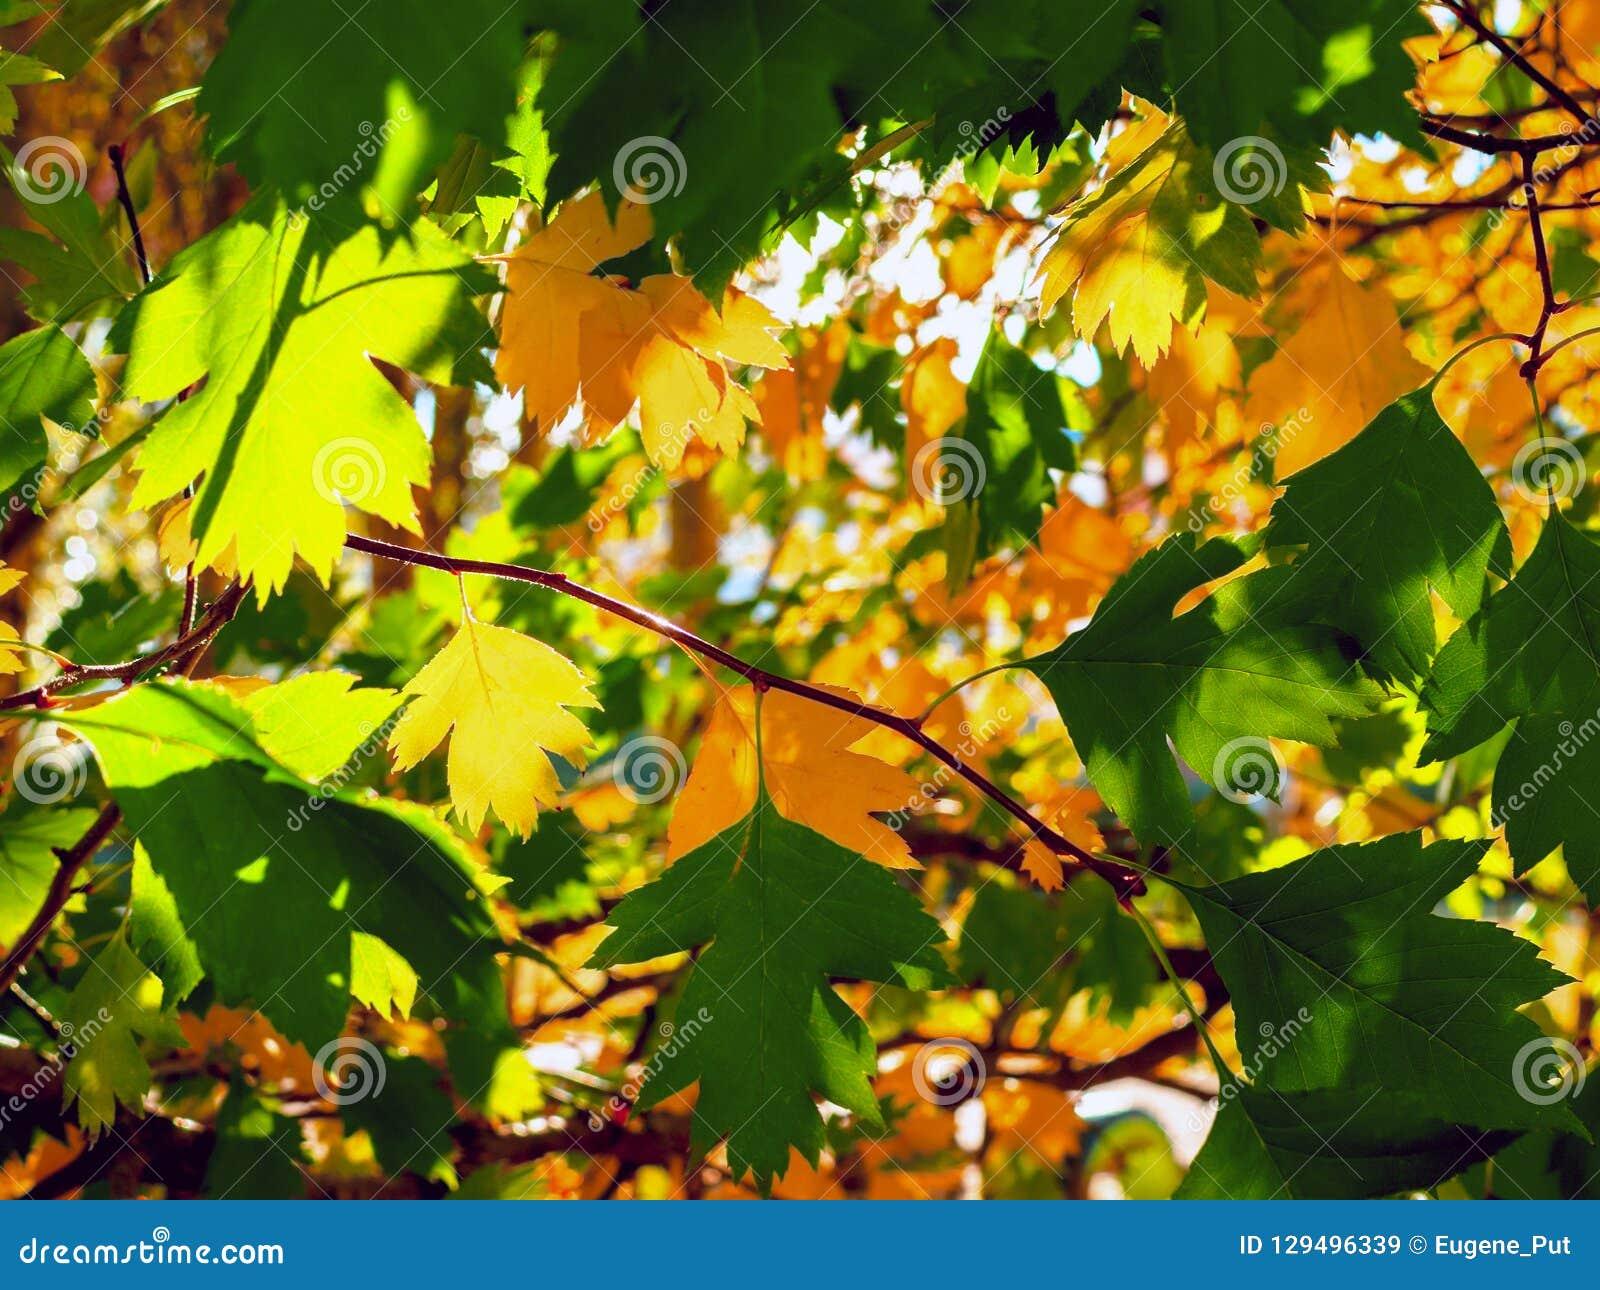 Lit amarelo e verde das folhas por raios de The Sun Fundo colorido Autumn Golden Foliage